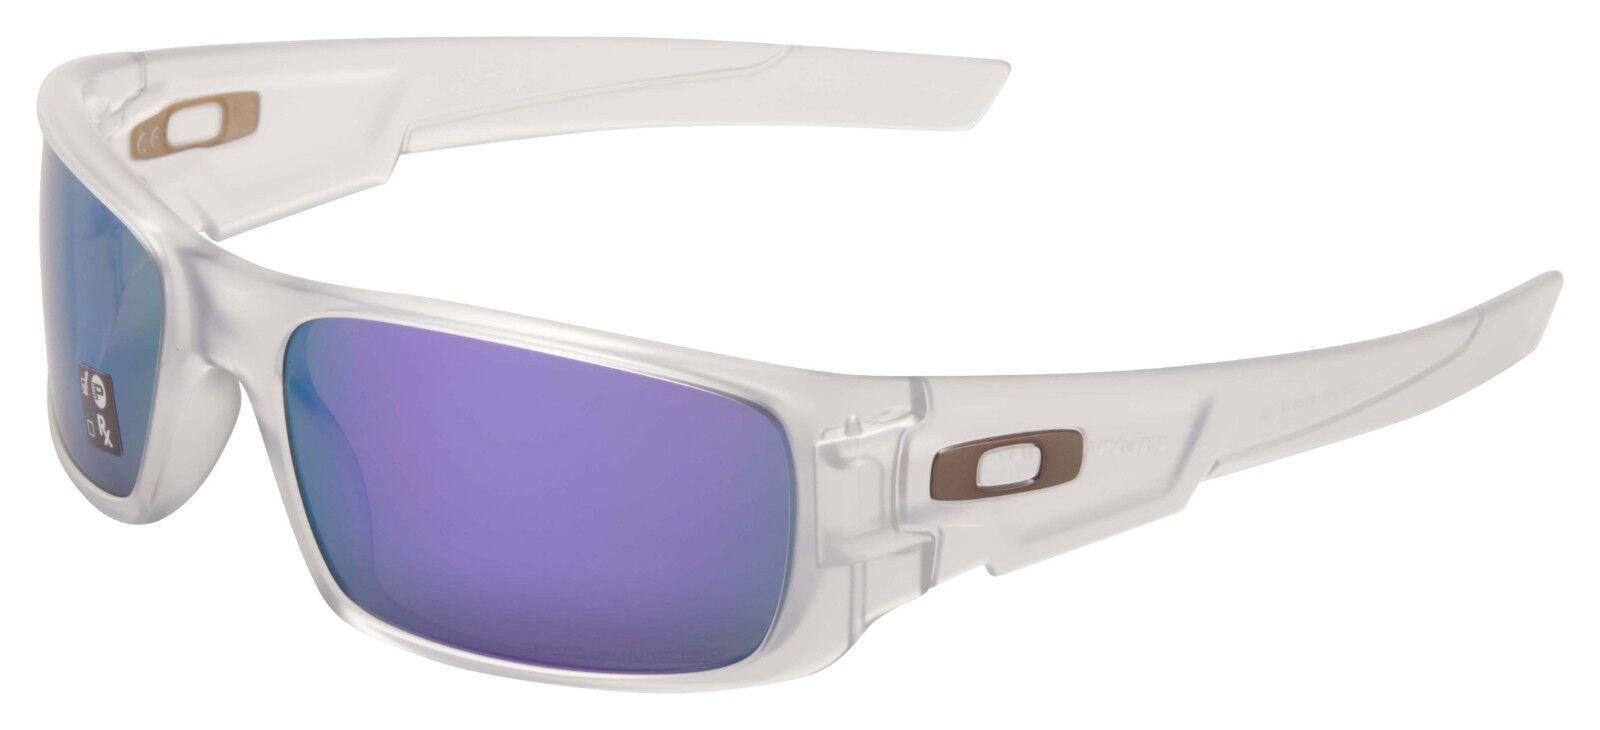 Mens Oakley Sunglasses - Oakley Crankshaft Sunglasses